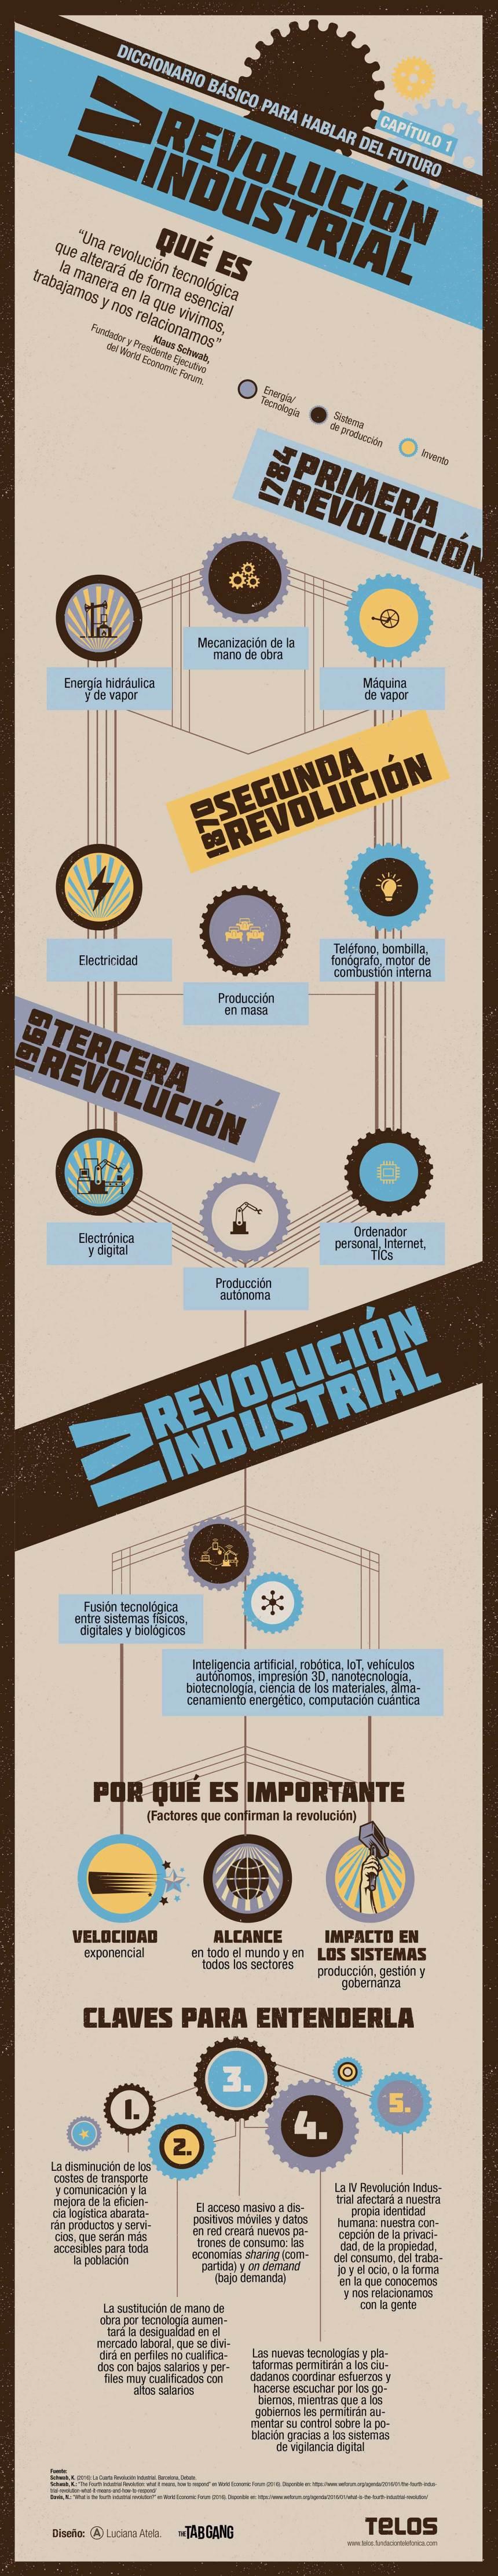 IV Revolución Industrial